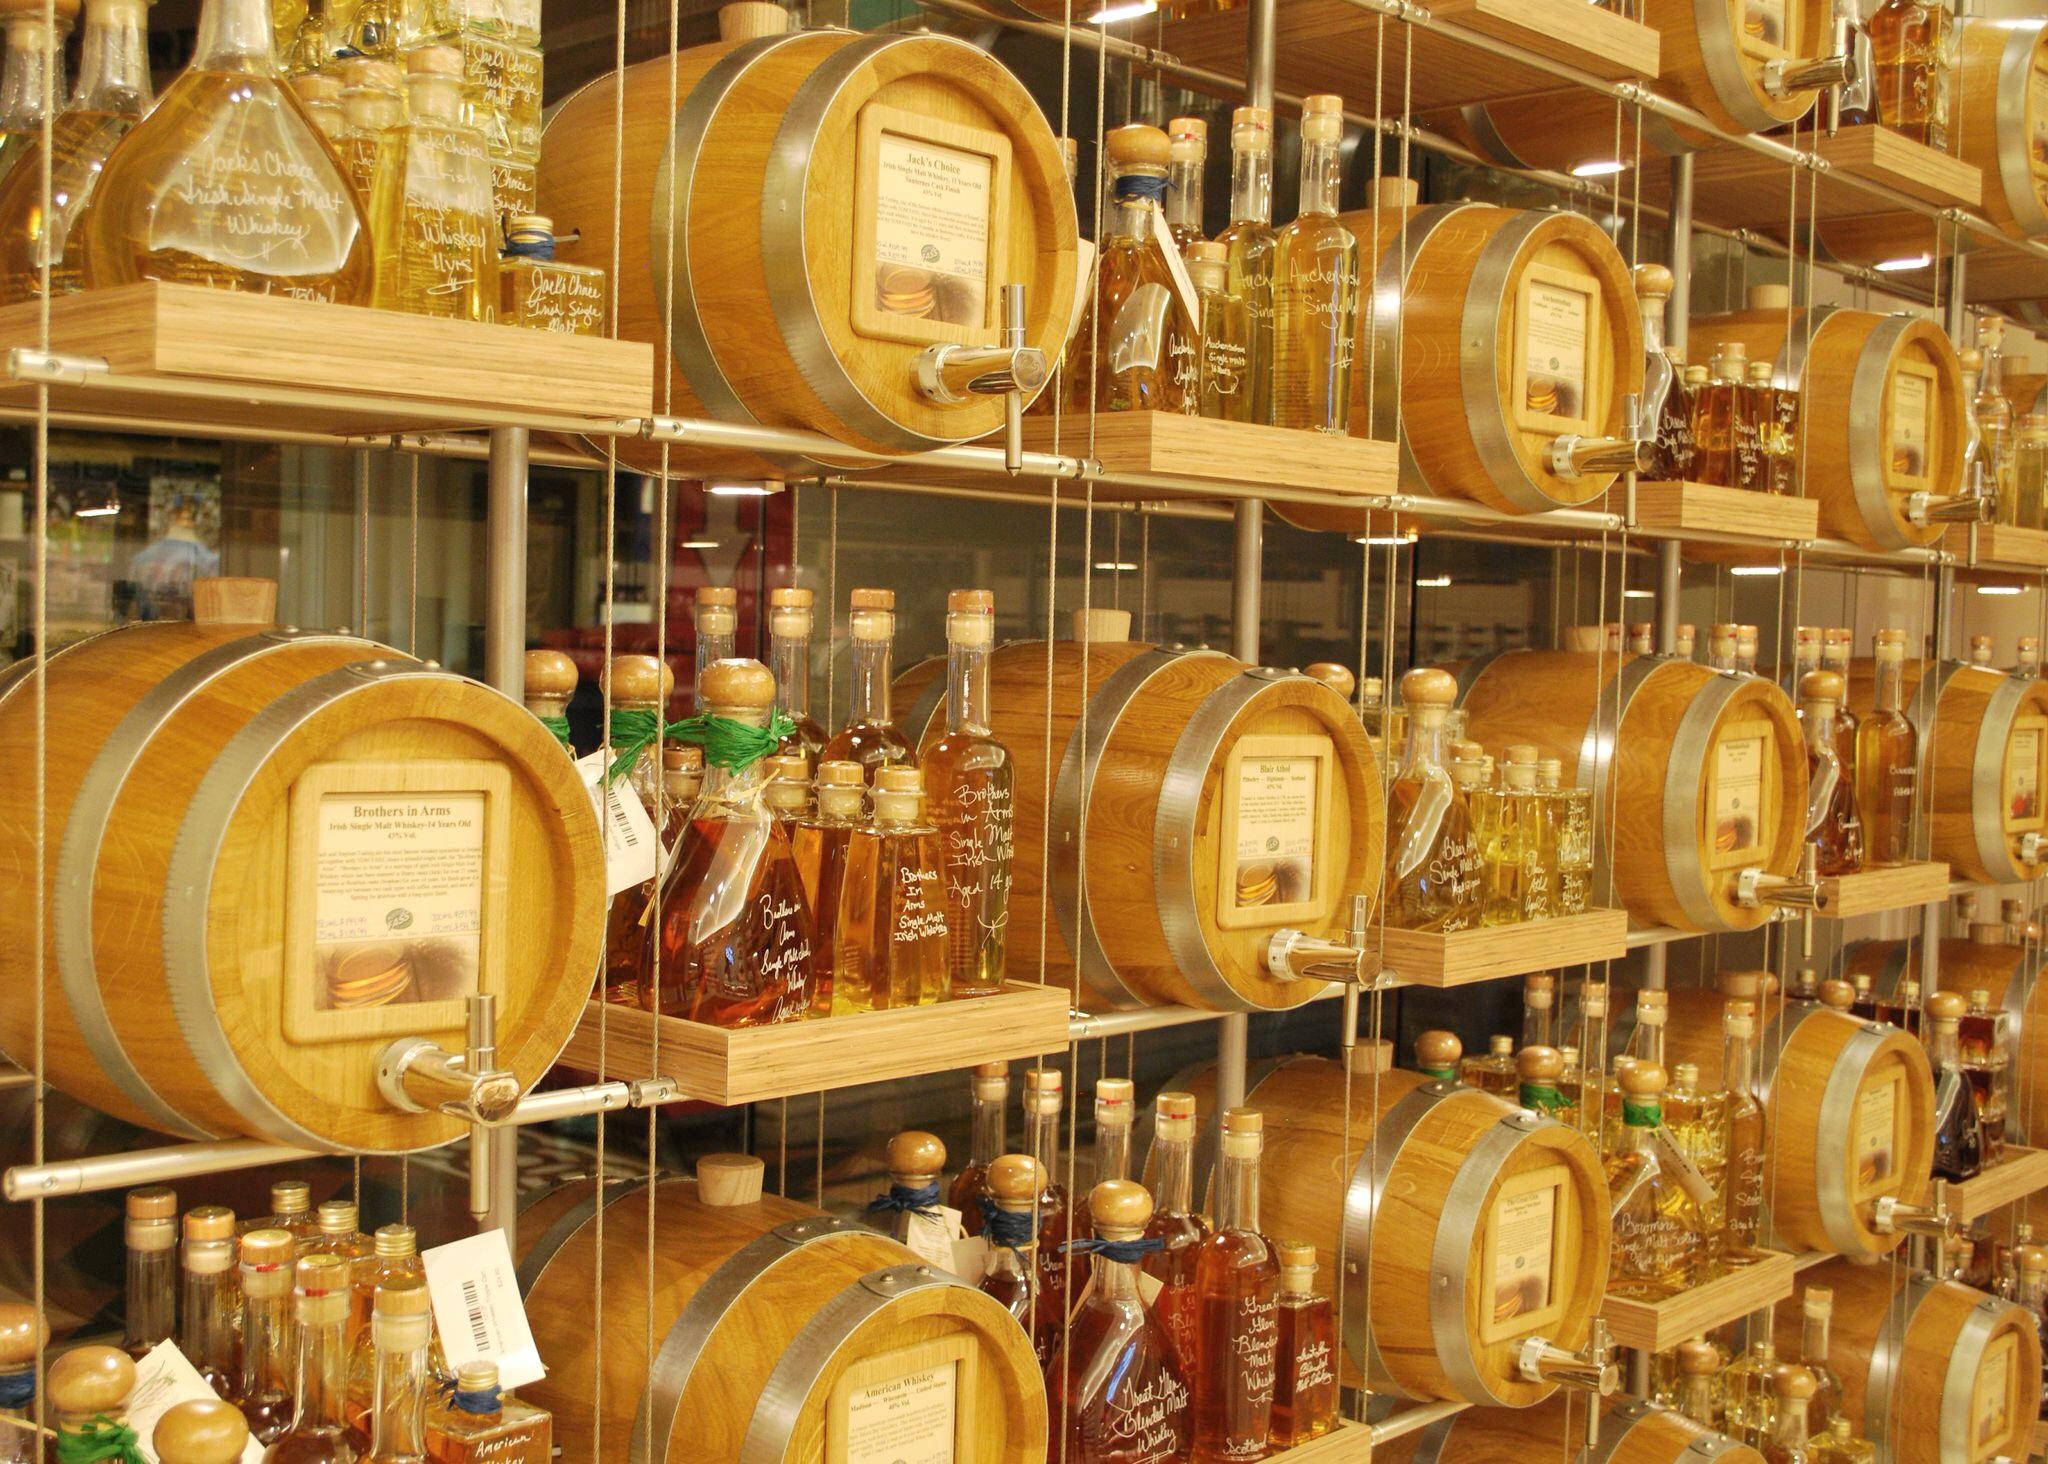 Vom Fass whiskey casks